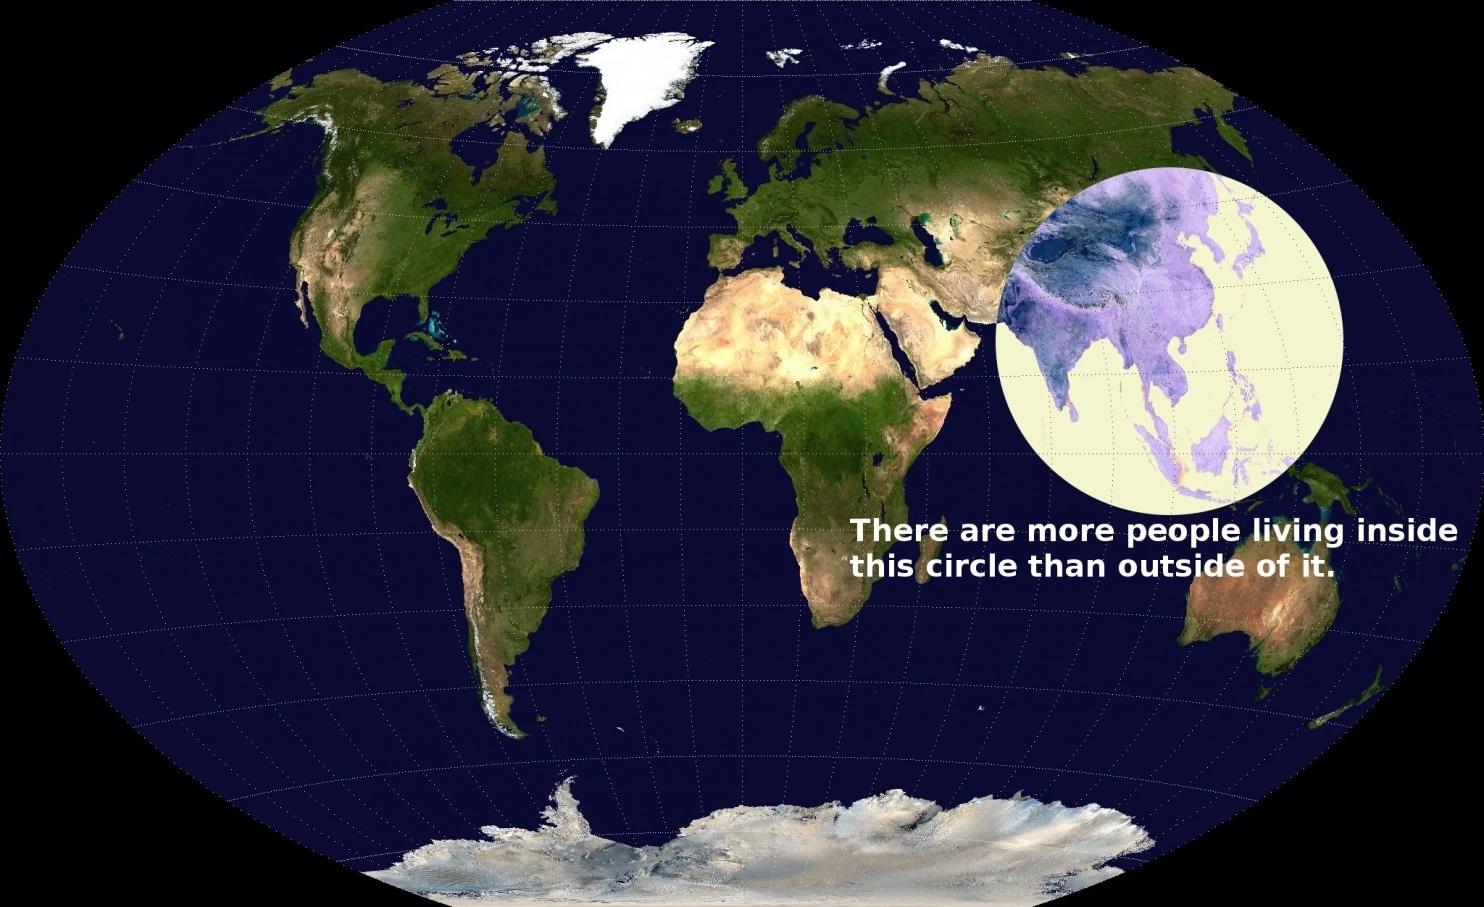 מפות מפתיעות 24